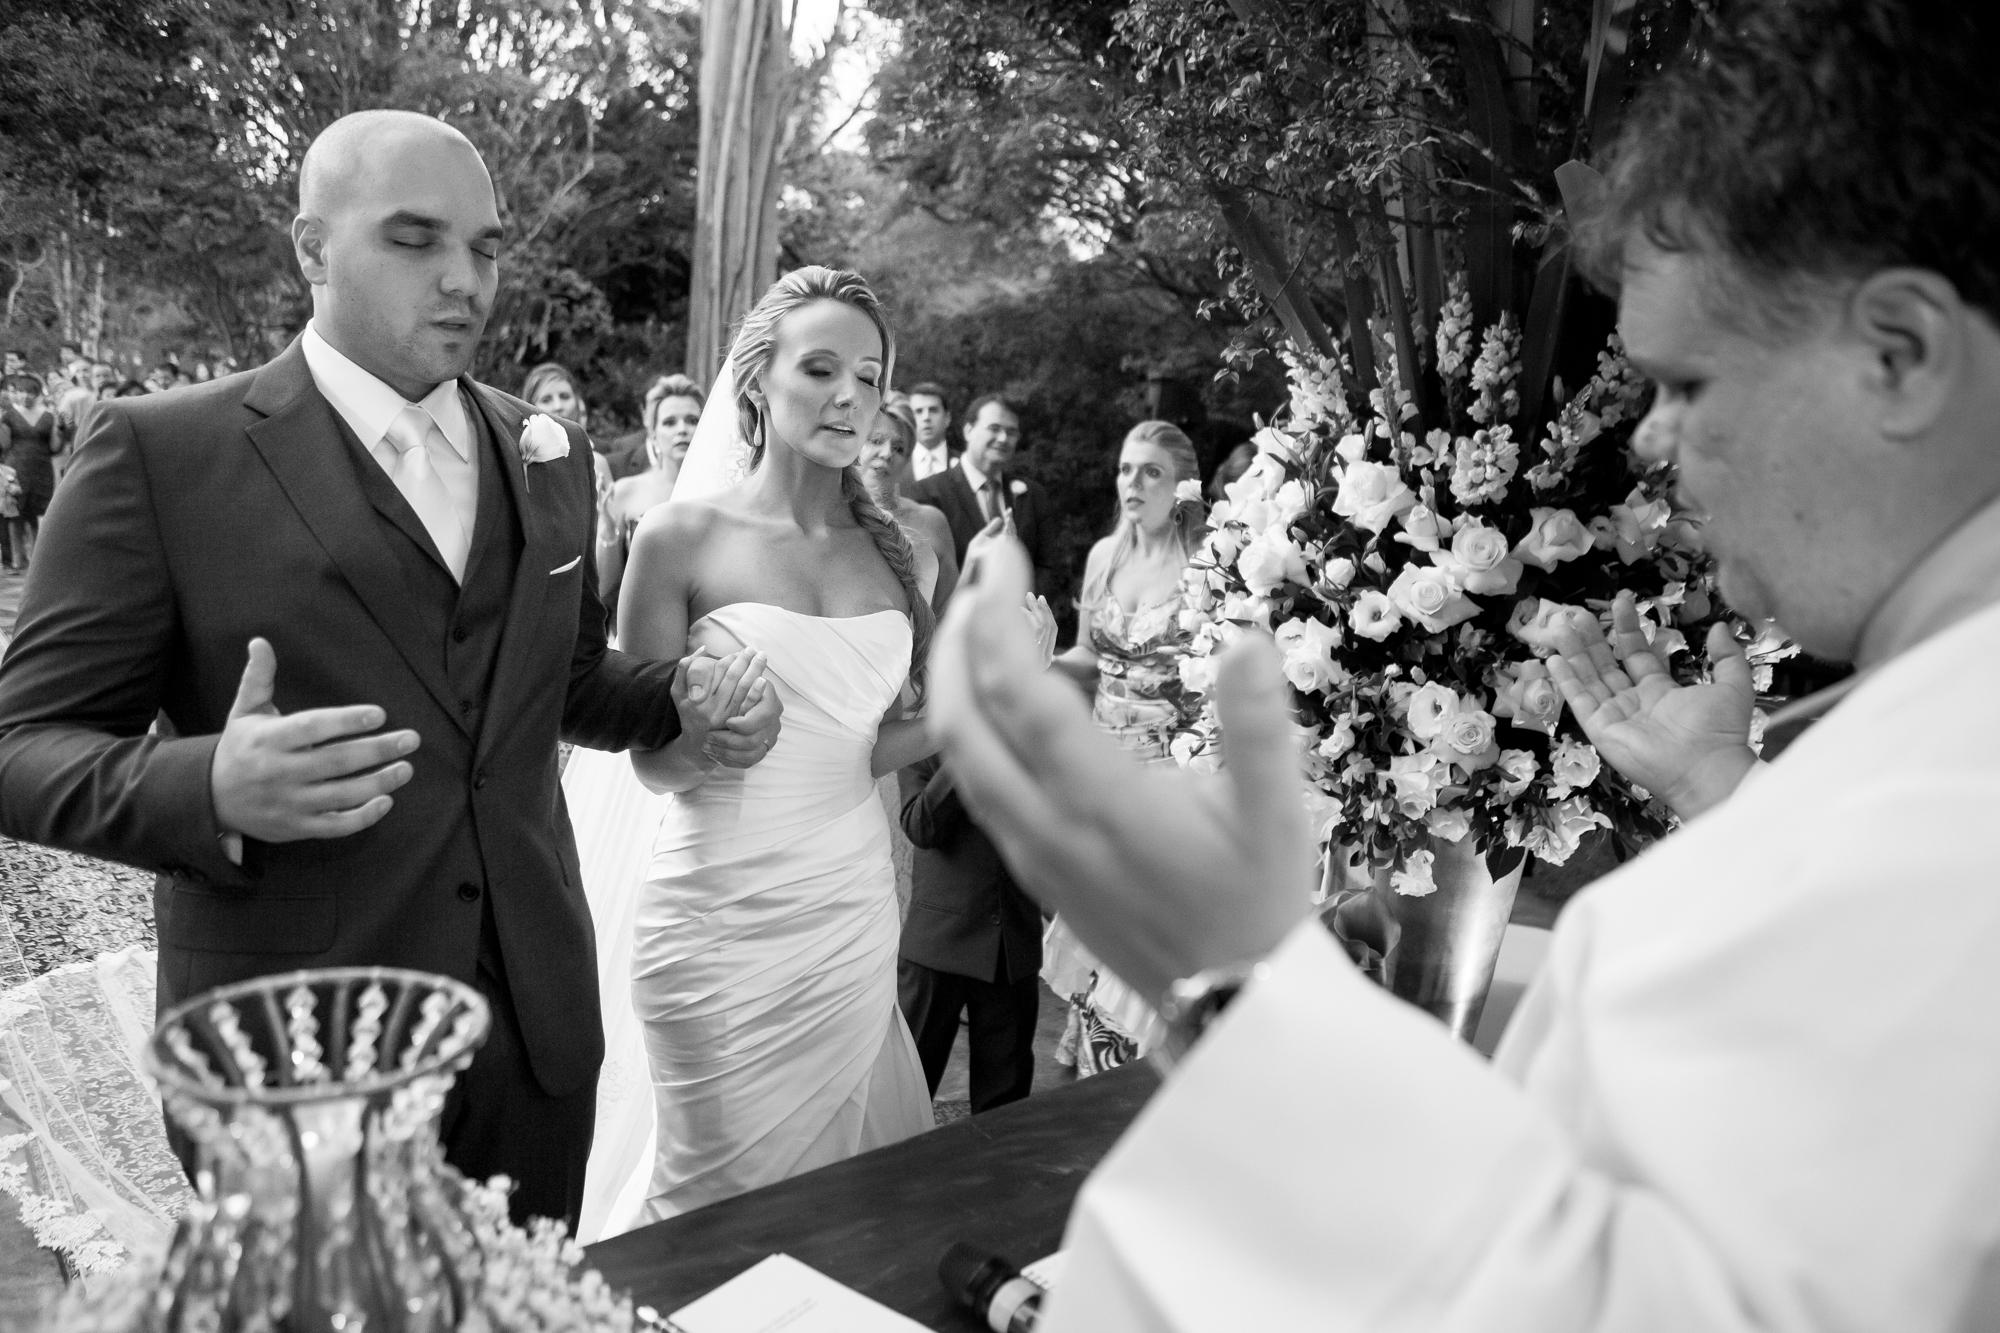 8_Fotograma_Fotografia de casamento